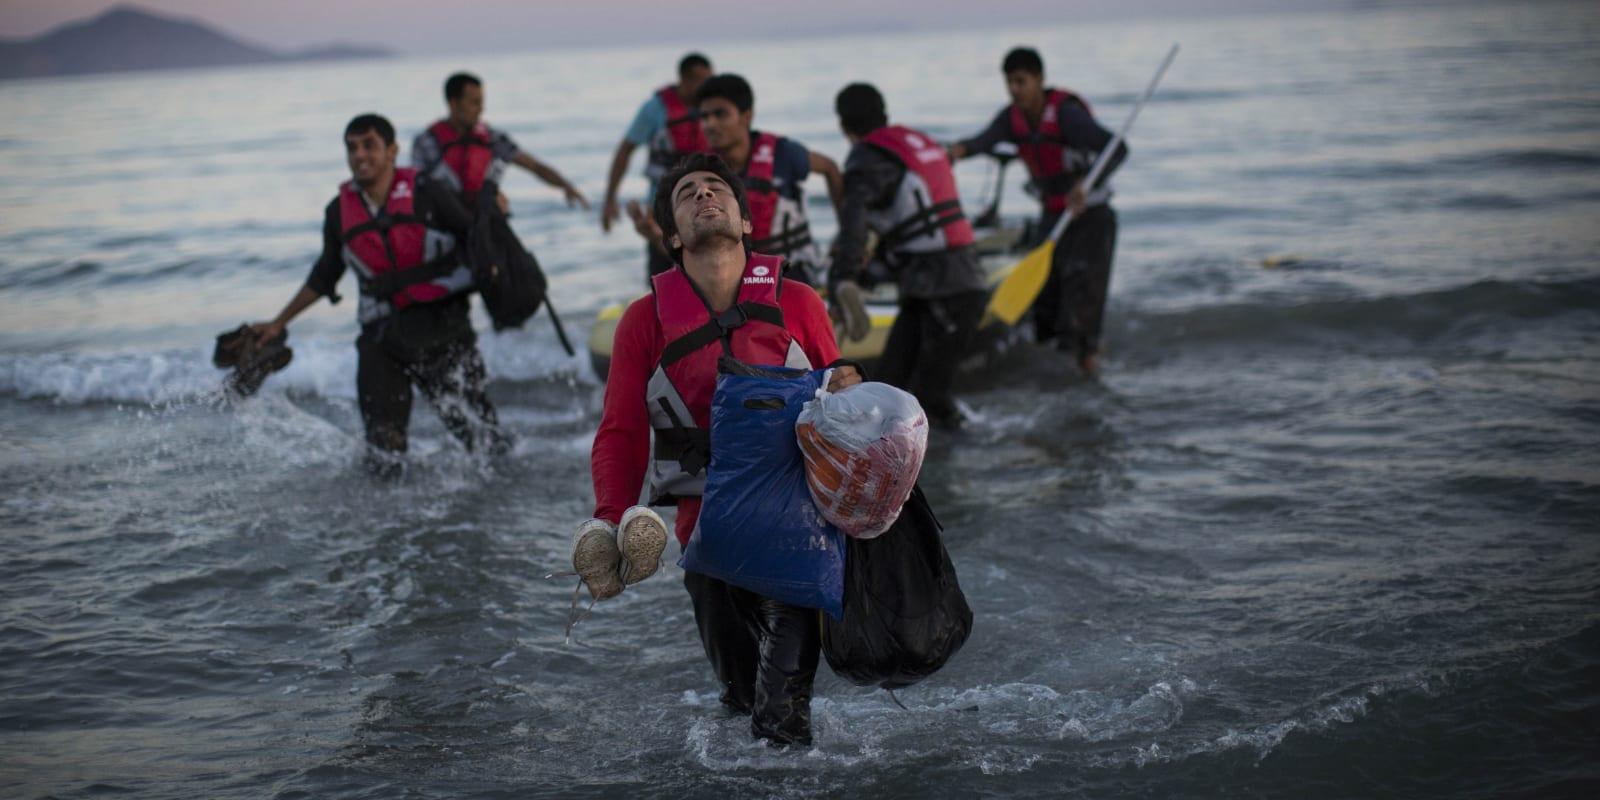 Με αφορμή το εθνικό σχέδιο για το προσφυγικό